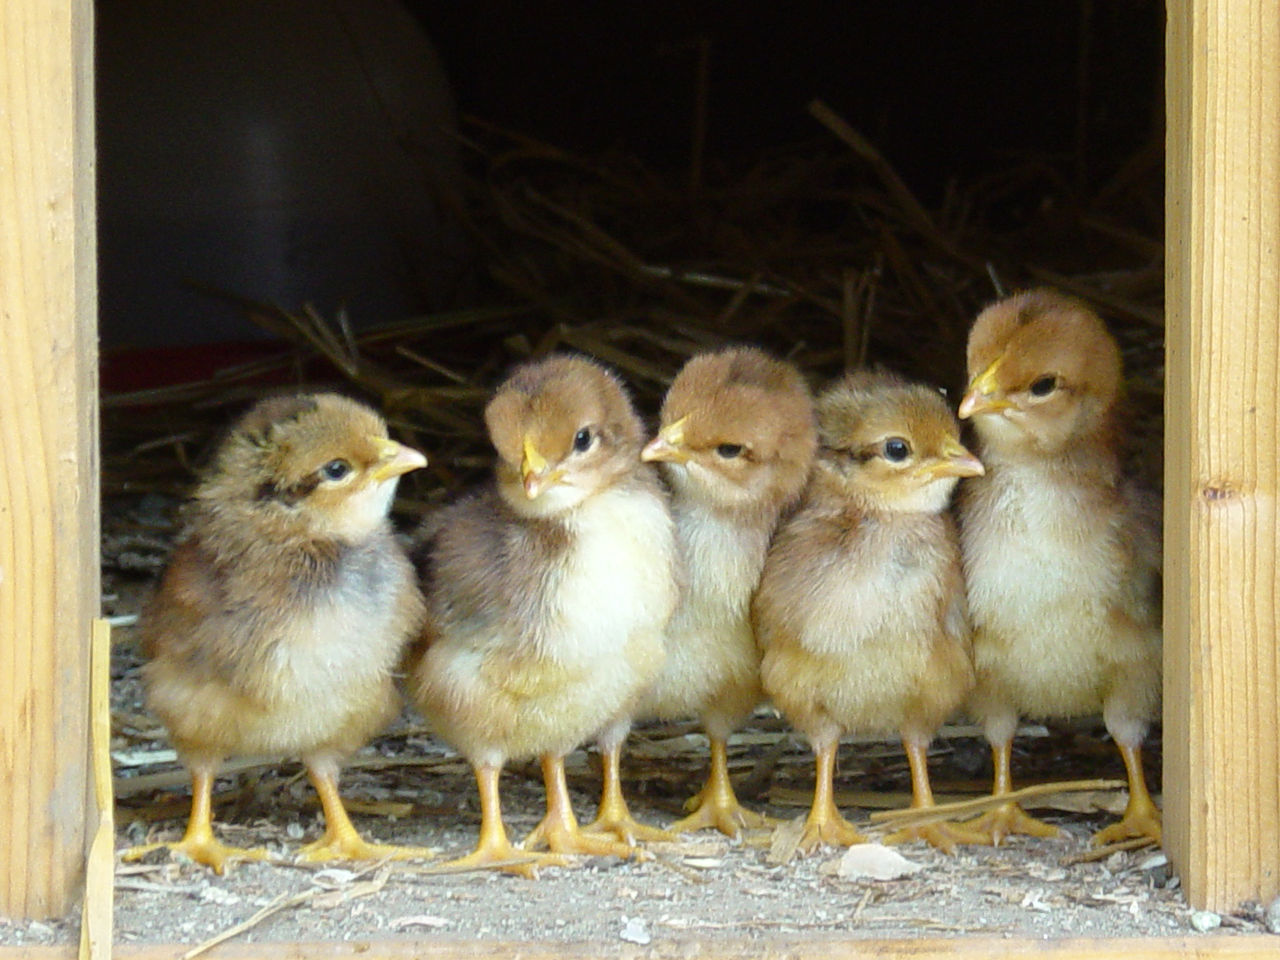 La independència de la rotonda de les gallines seria viable econòmicament